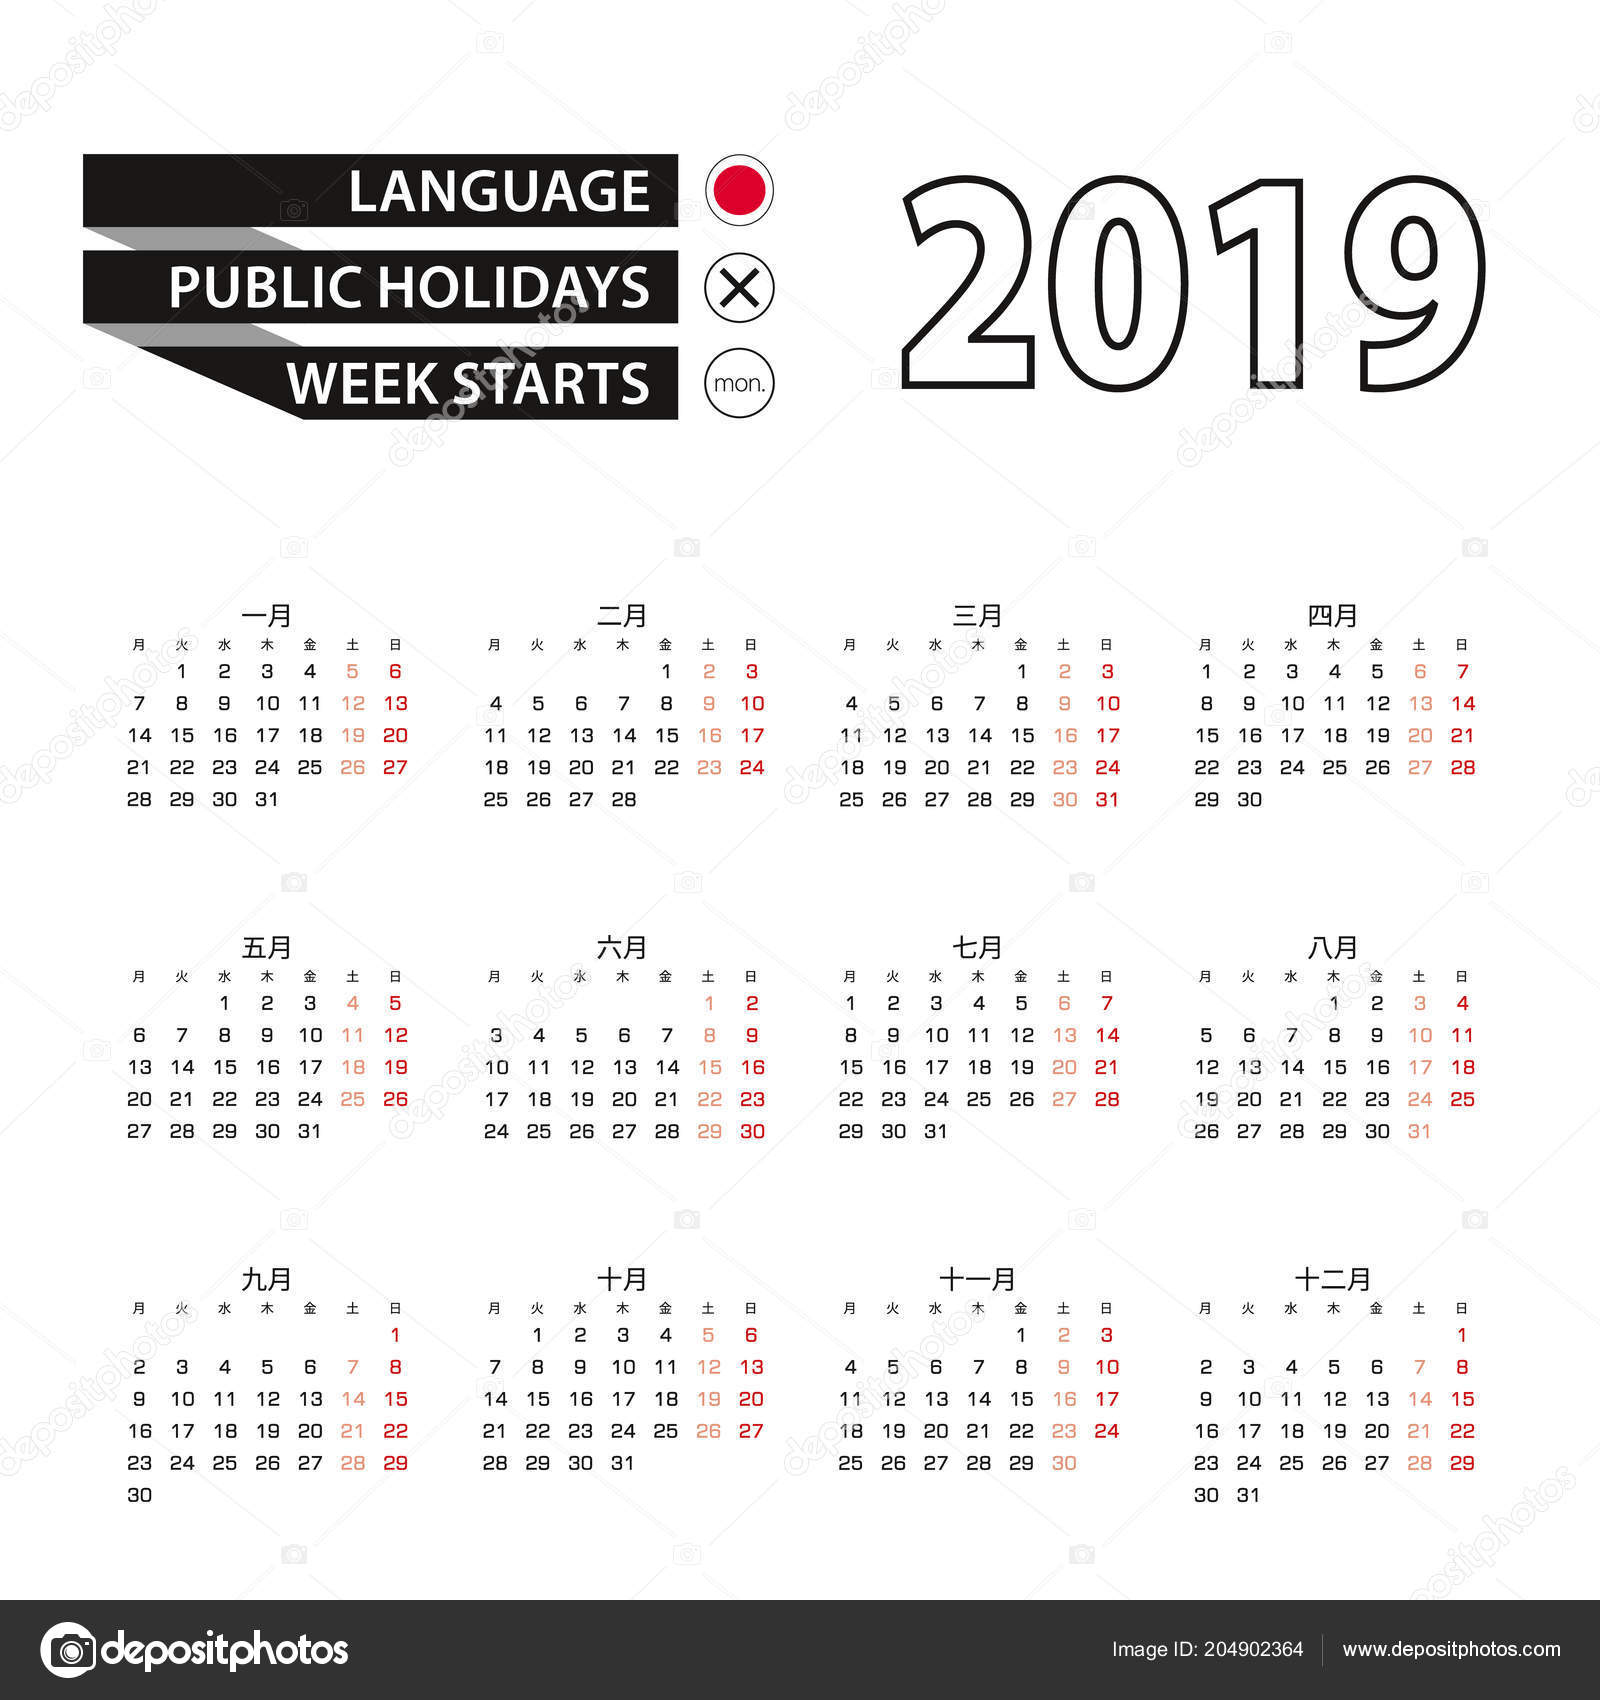 Calendario Giapponese.Calendario 2019 Lingua Giapponese Settimana Inizia Lunedi